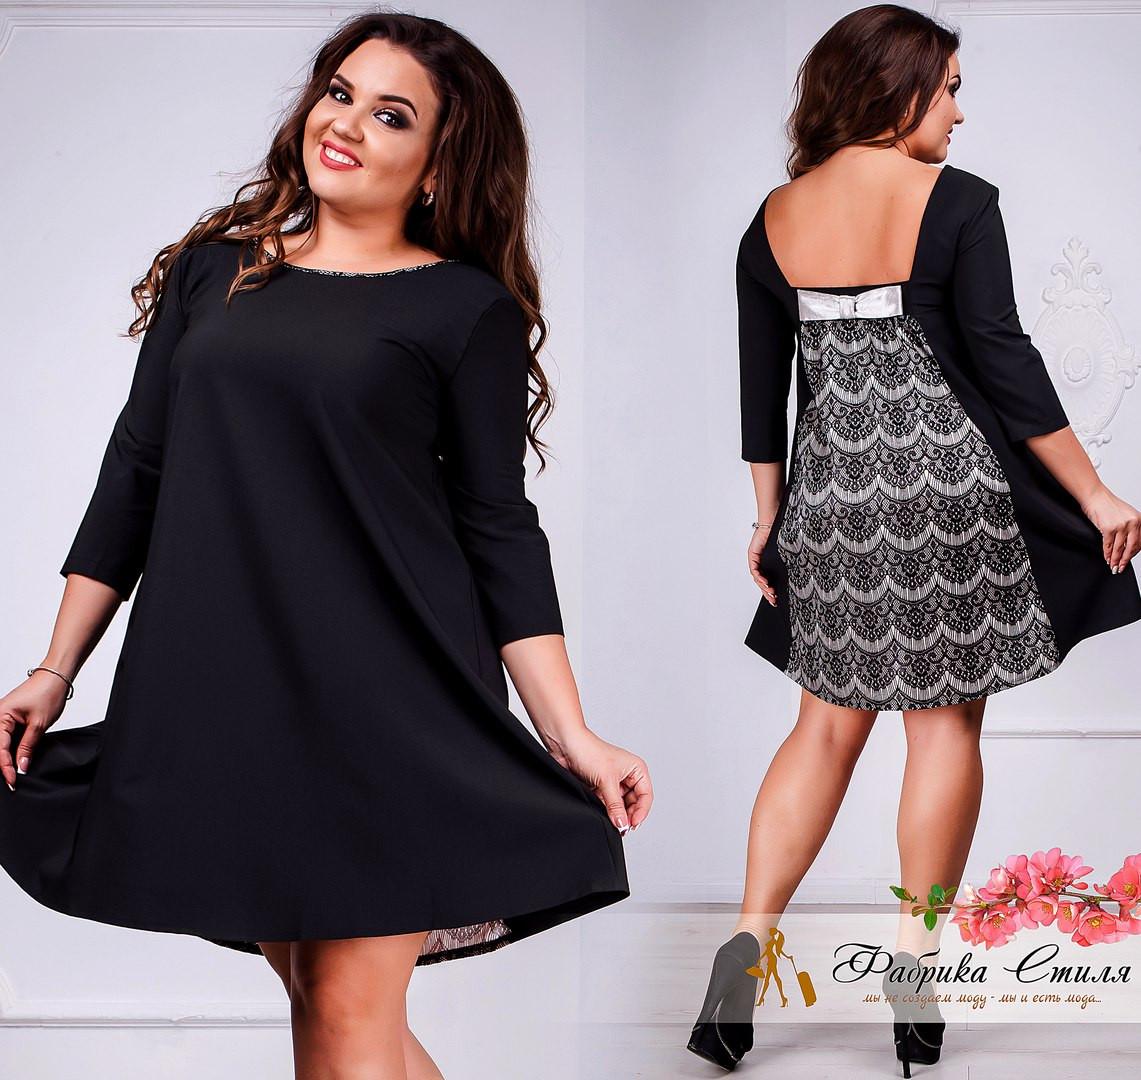 Платье а-силуэта большого размера купить